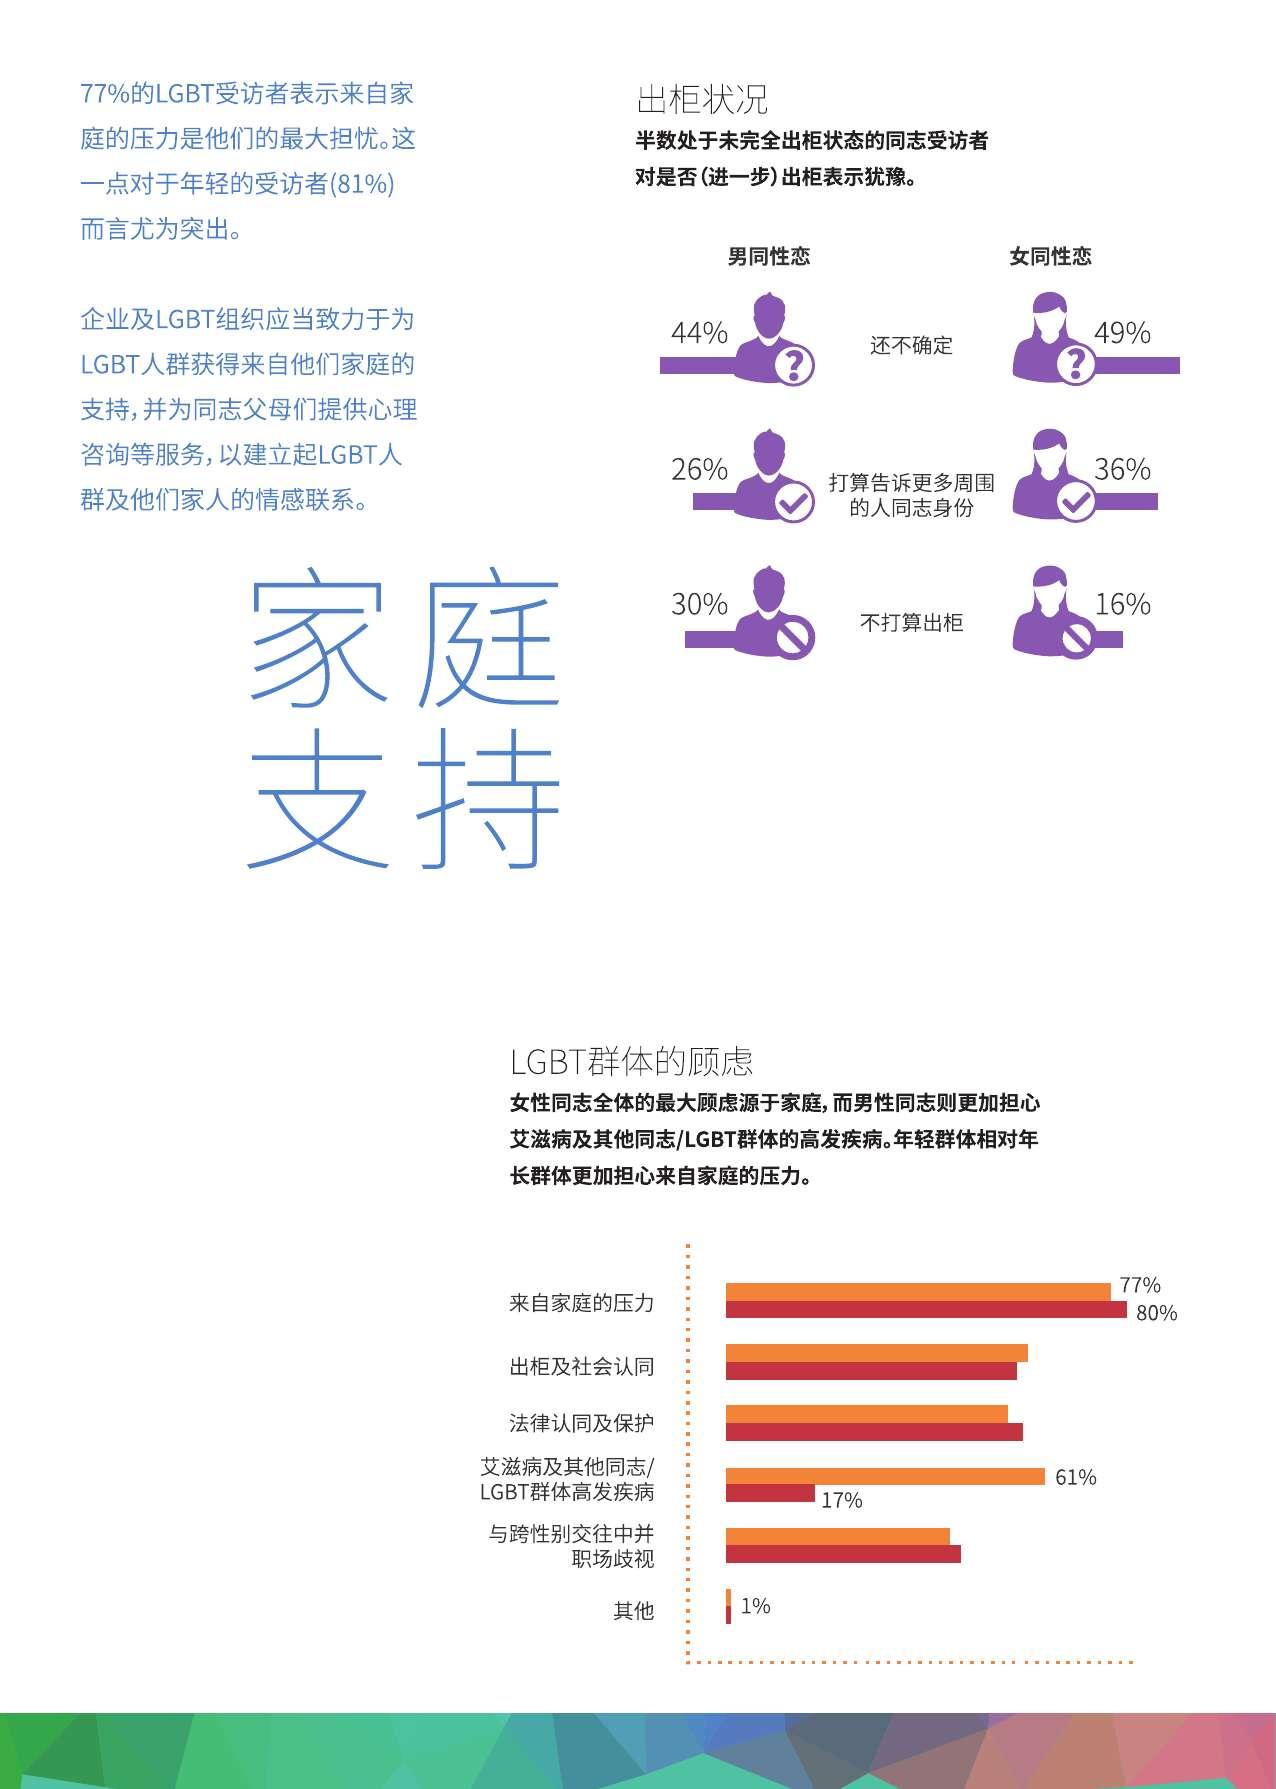 中国LGBT群体生活消费调查报告_000010